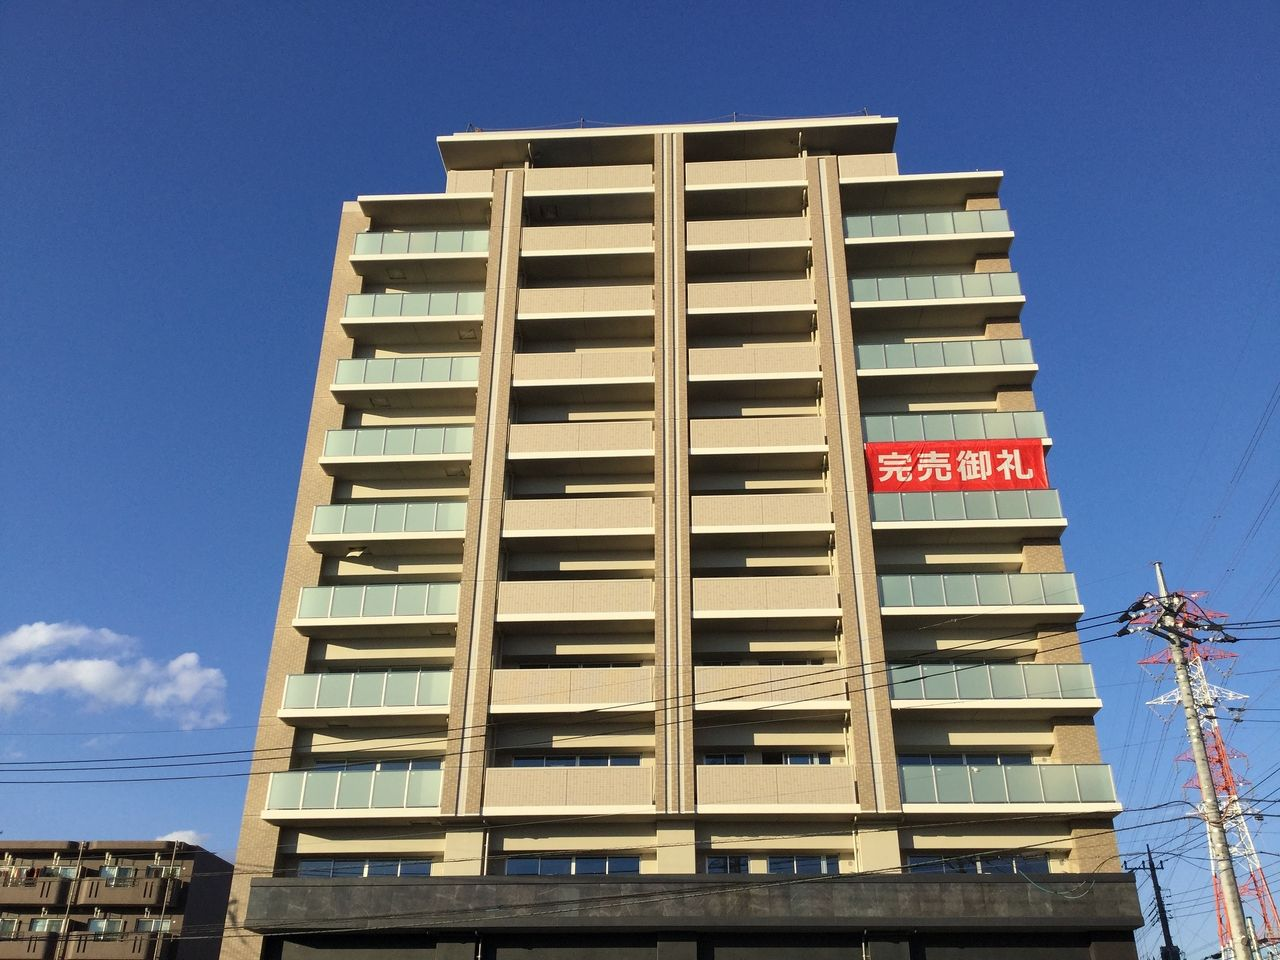 宇都宮市 新築マンション サーパス城東小ウエストスクエア